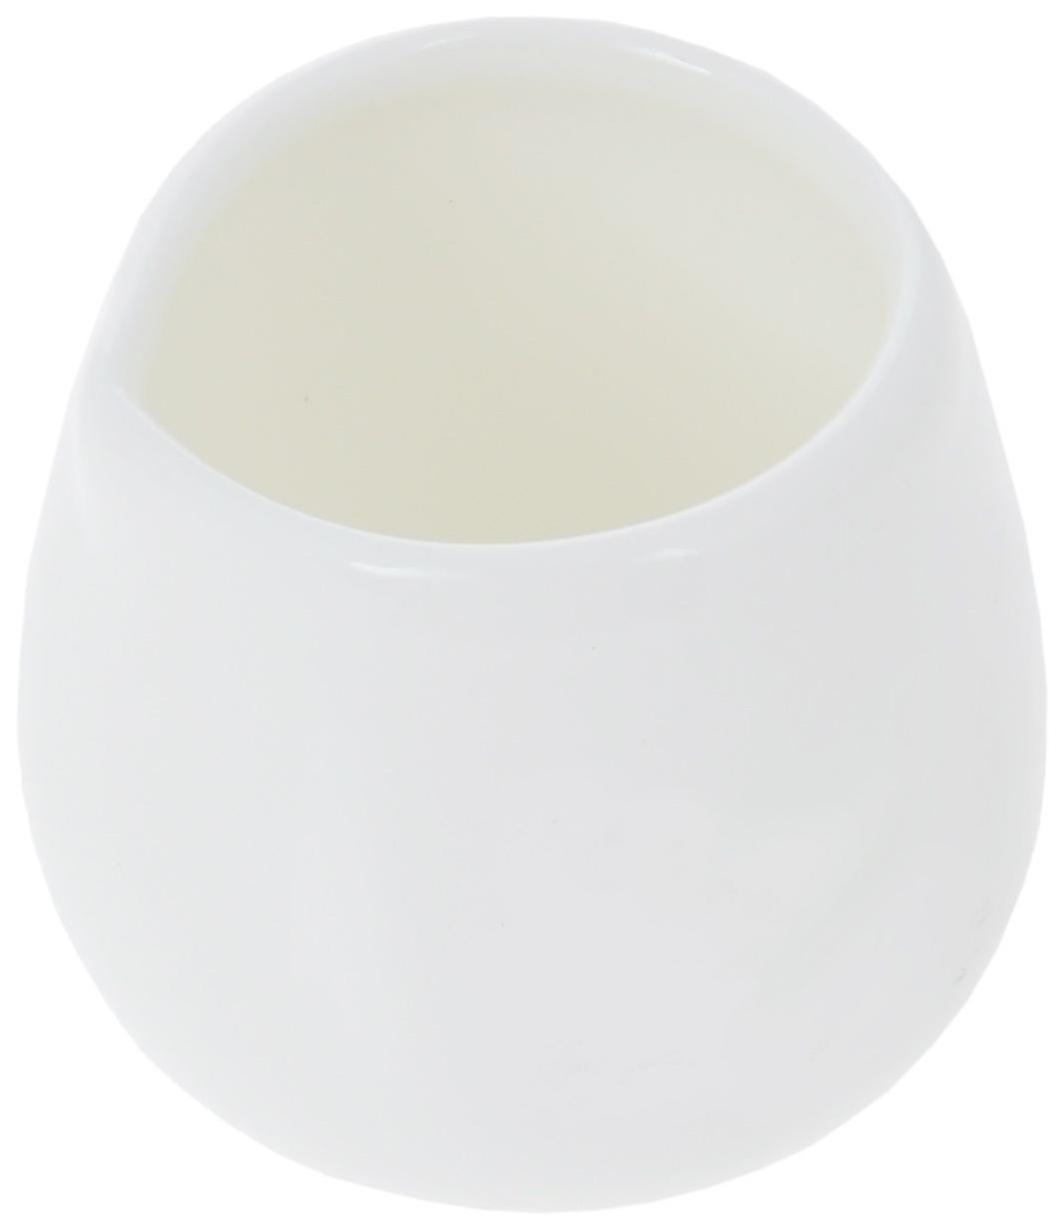 Молочник Wilmax WL 995002 / A Белый